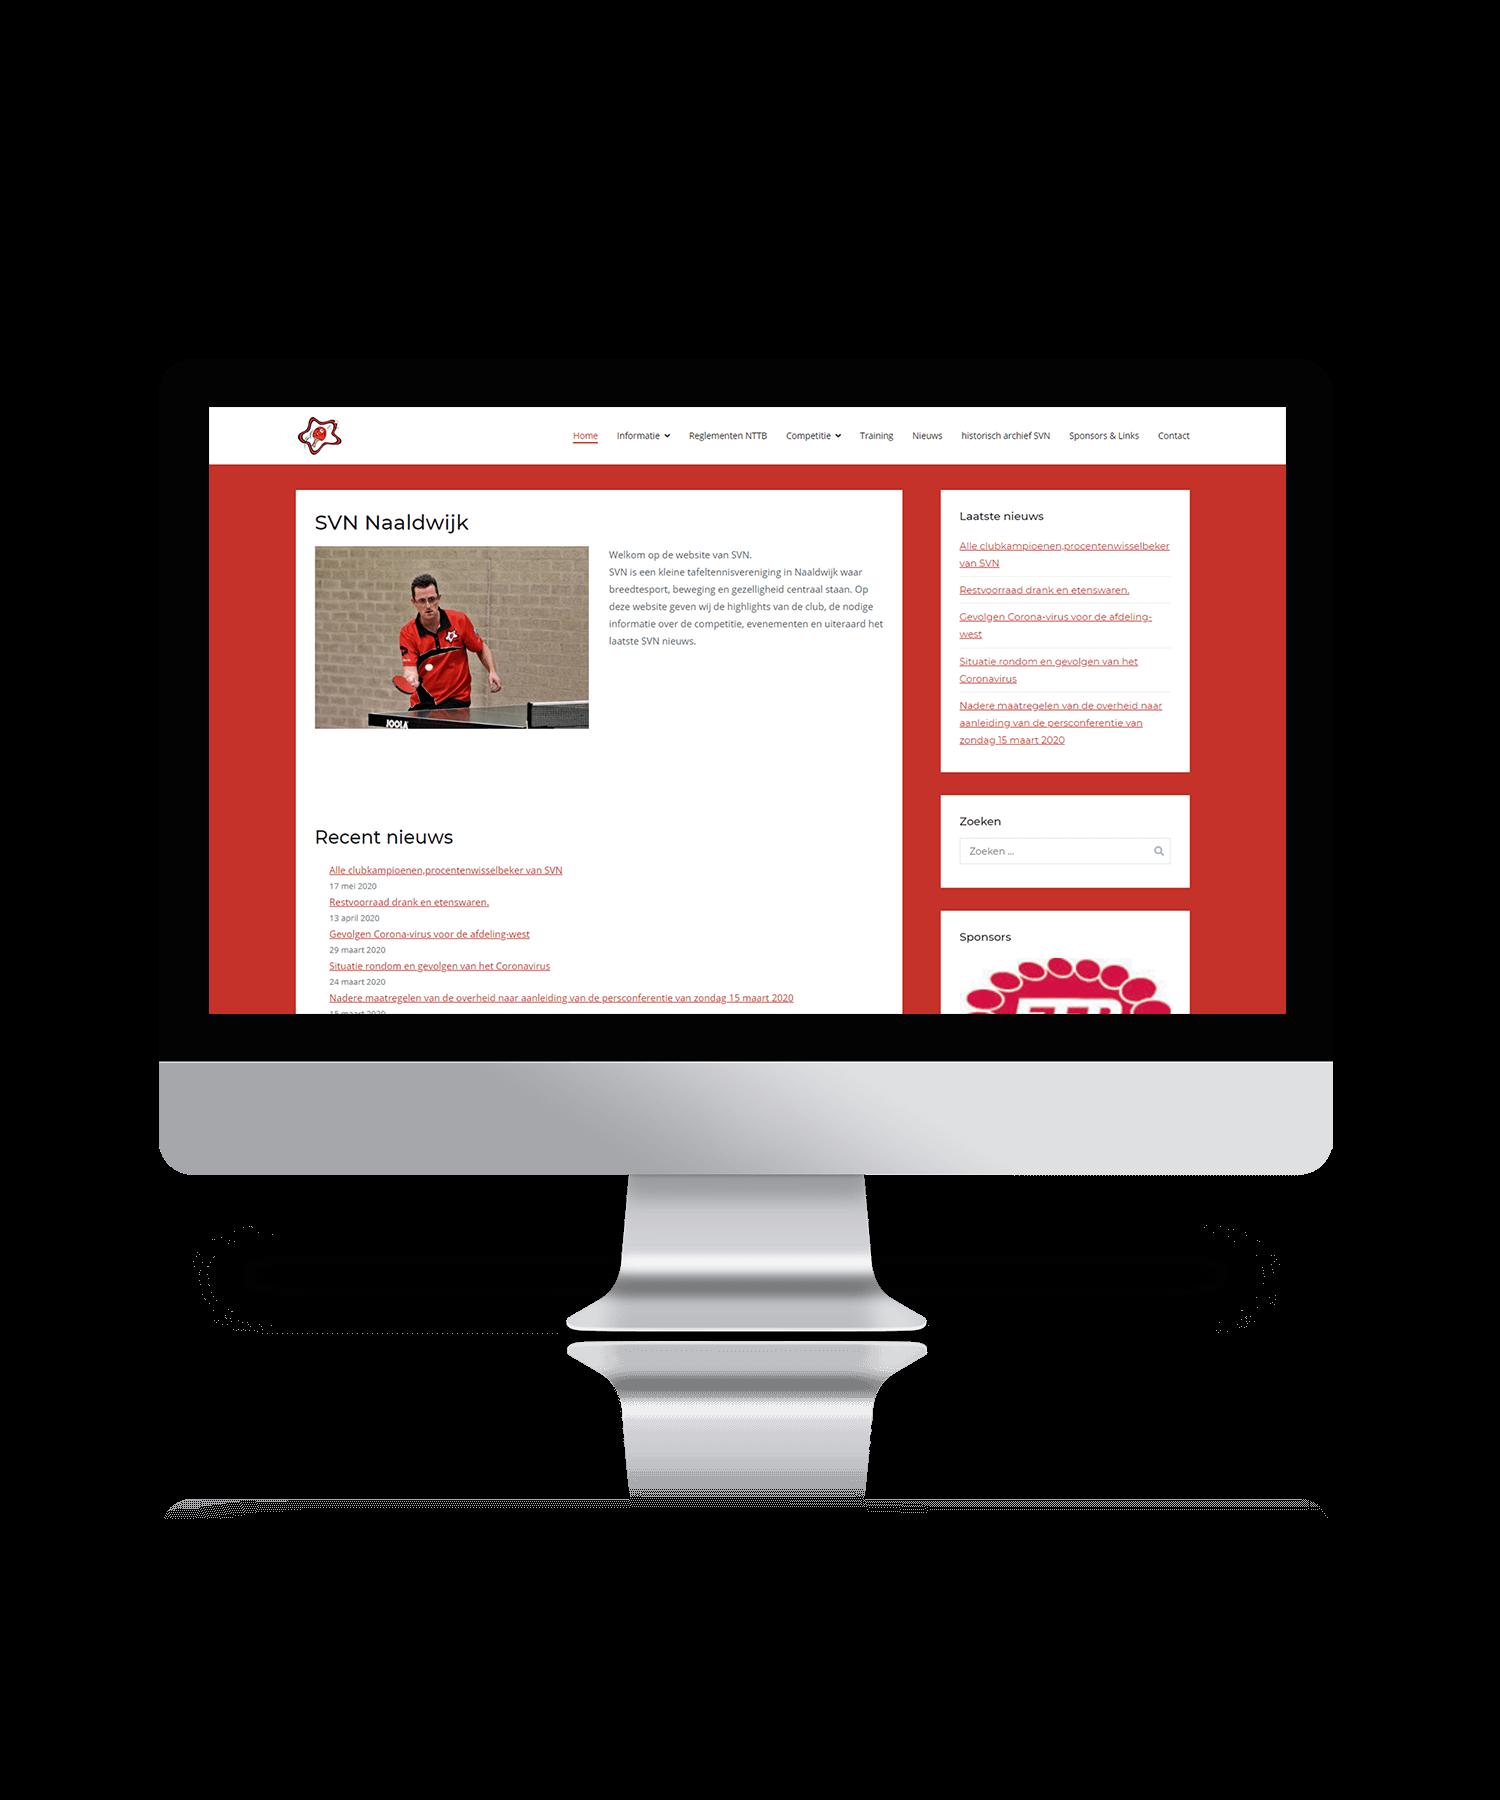 SVN Naaldwijk - Mockup website